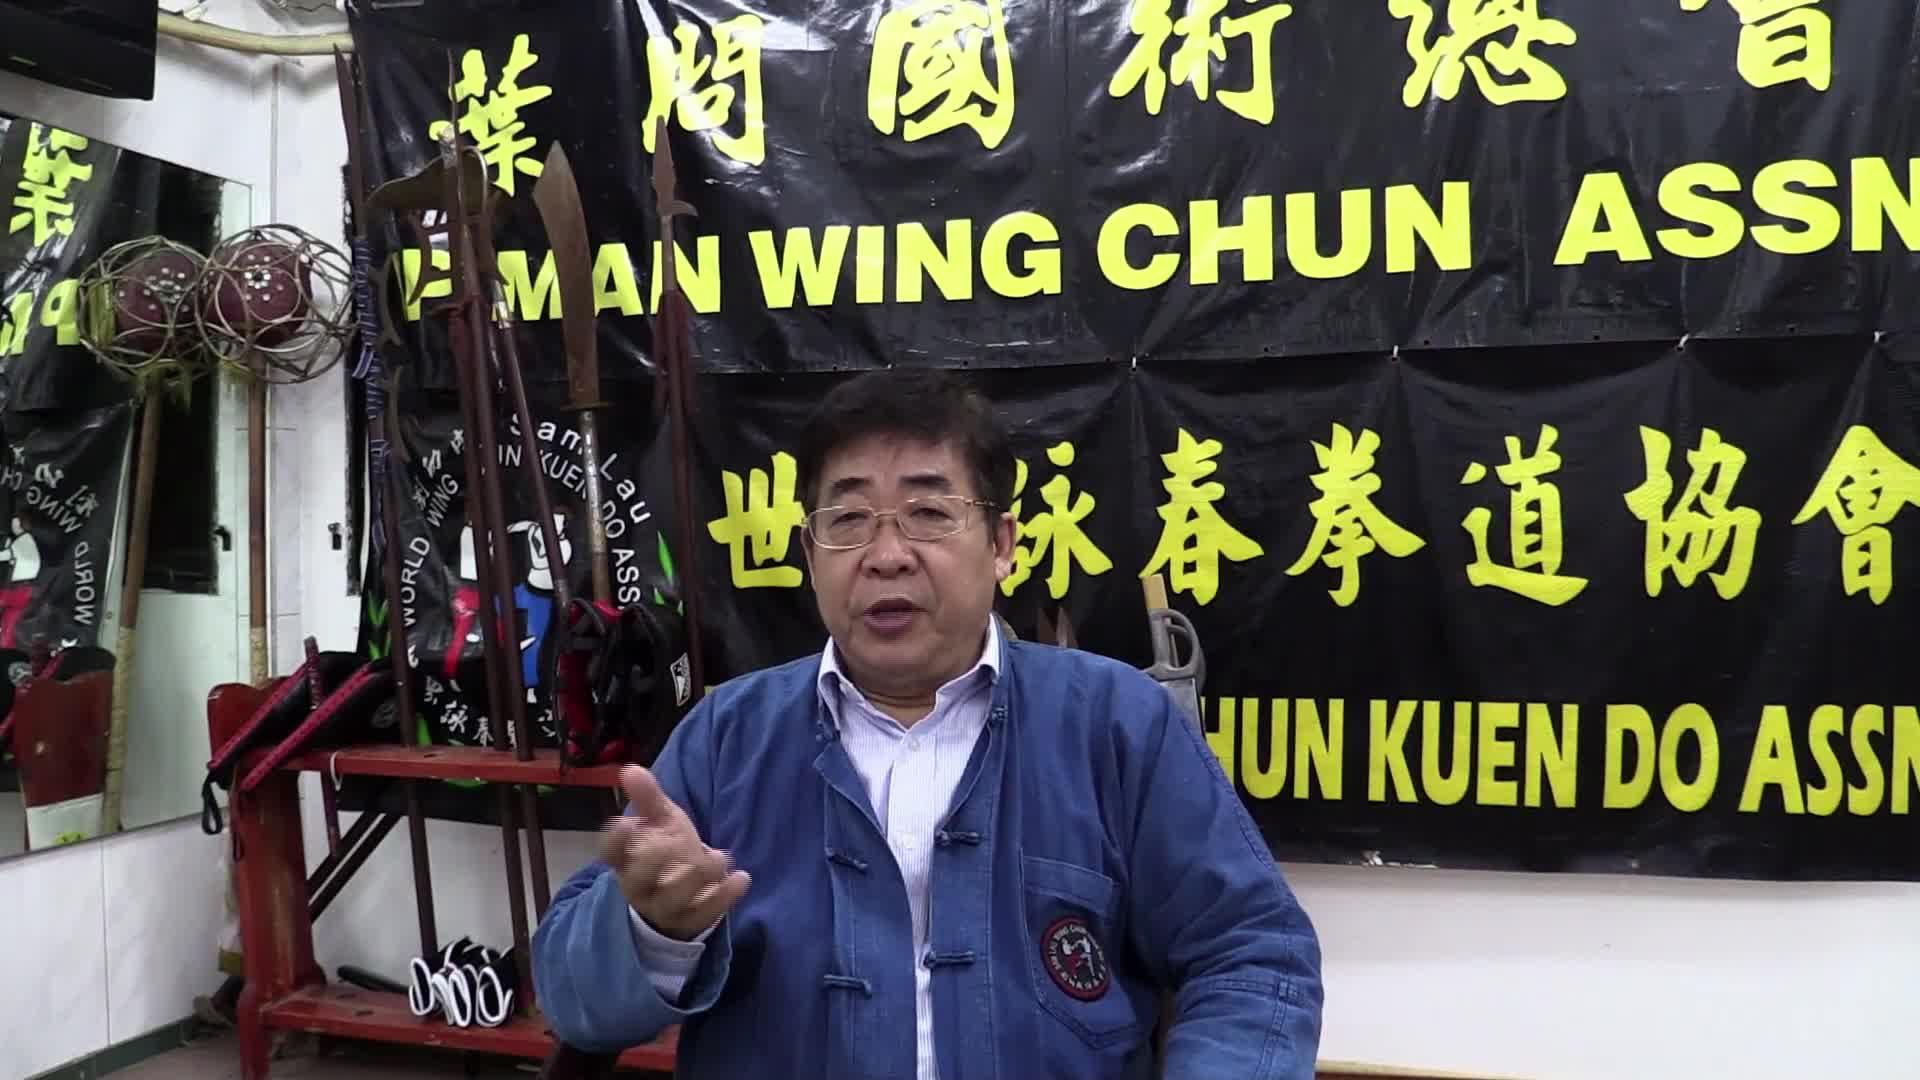 武林探秘Ⅱ刘功成咏春问答:咏春拳从一种演变成百种叶问系学员占90%以上是什么原因?有什么不同,是否为正宗呢?